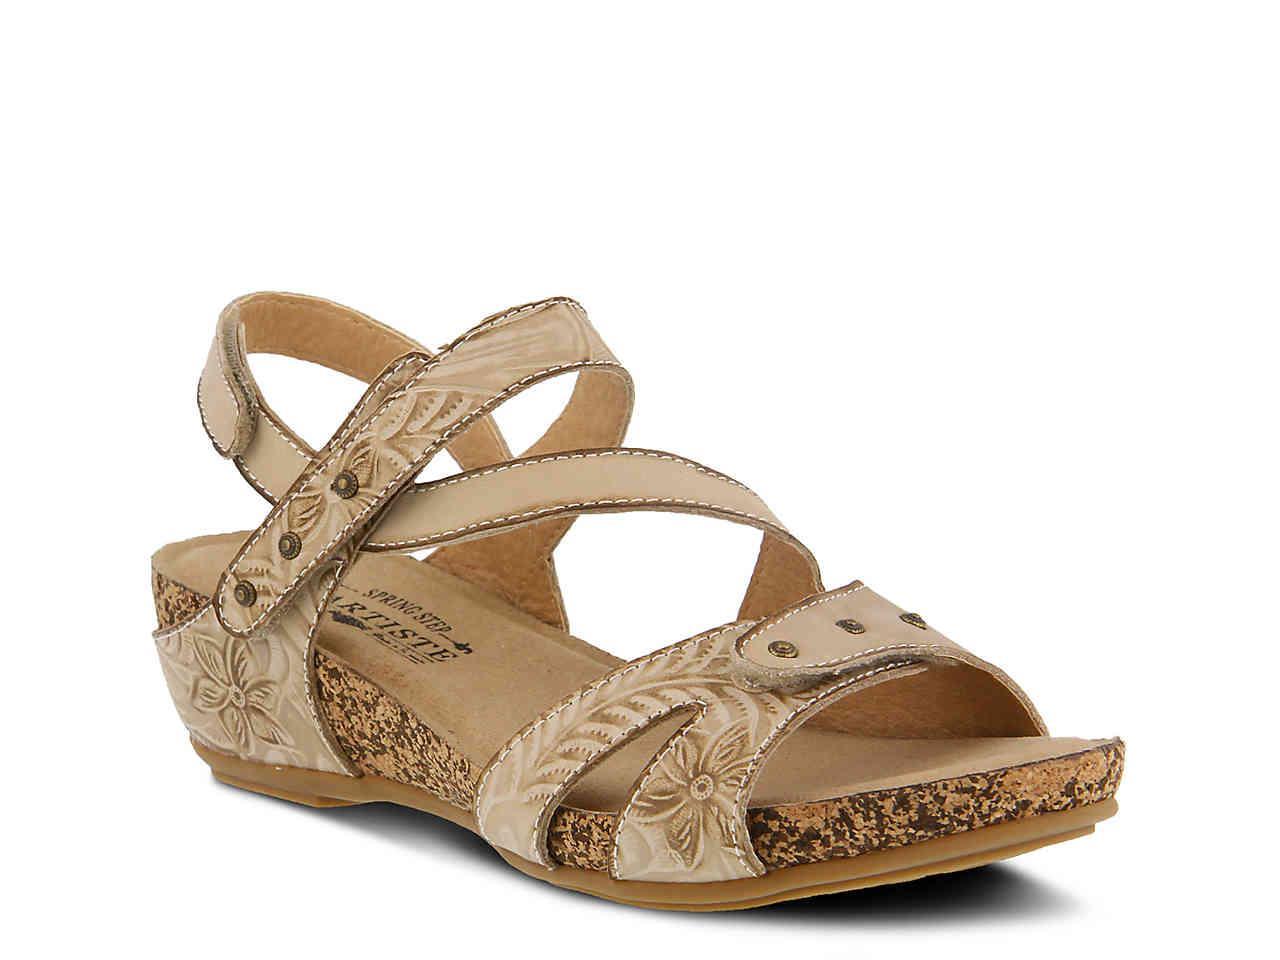 6420901af80d Lyst - Spring Step Quilana Wedge Sandal in Natural